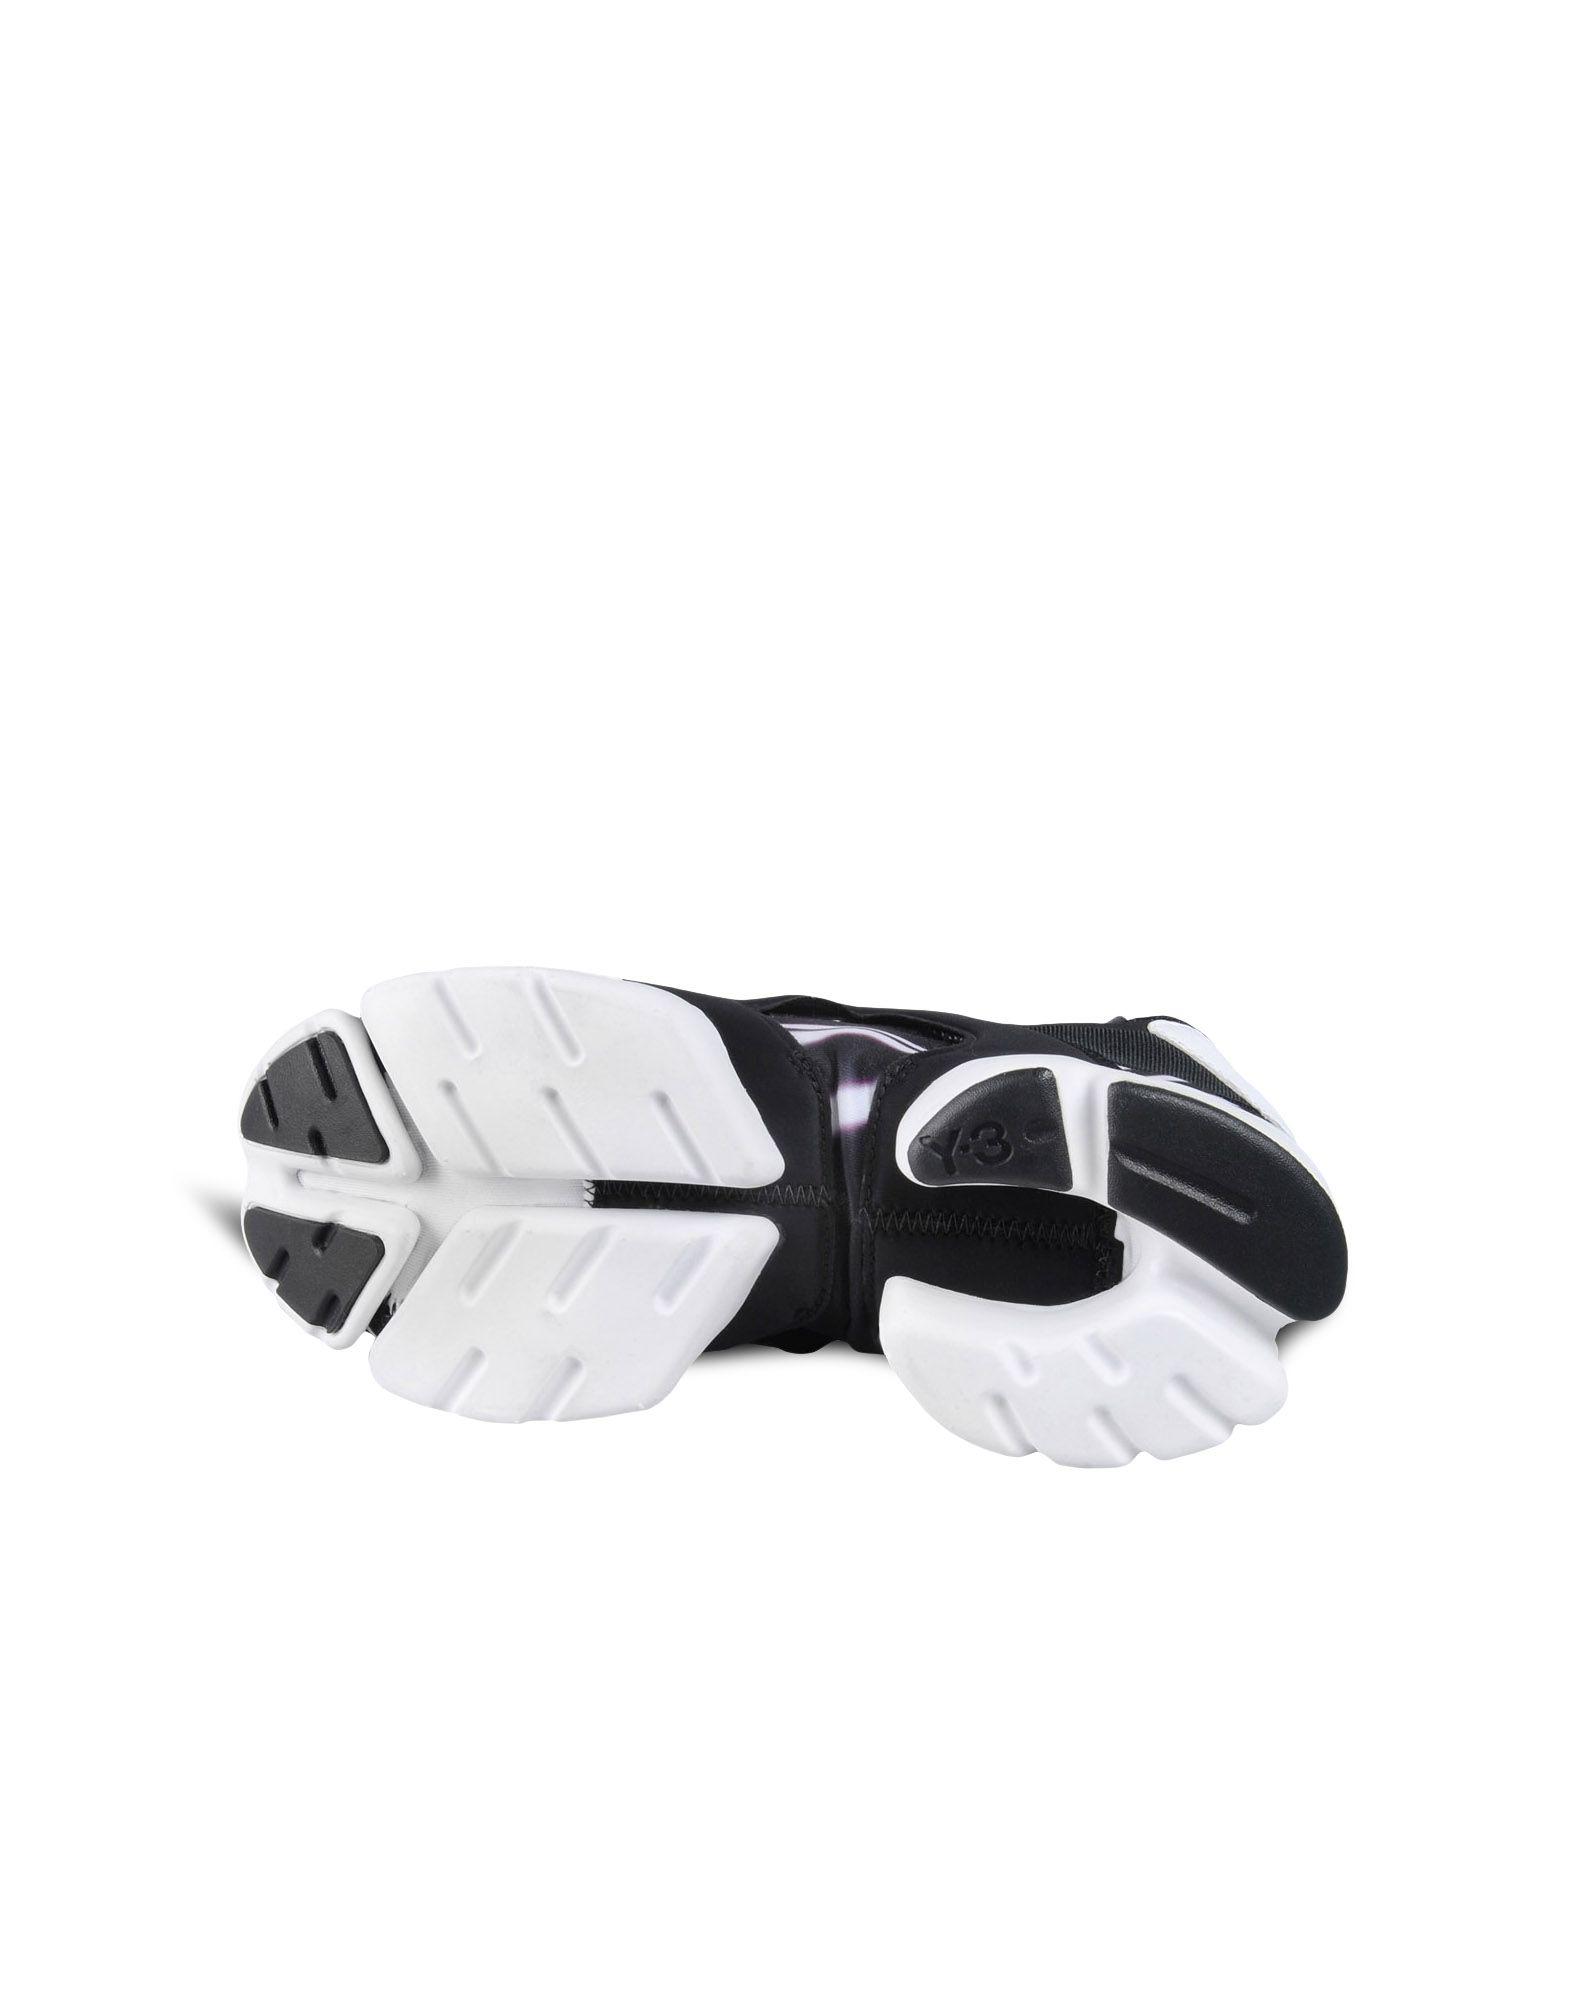 Y-3 KOHNA SHOES unisex Y-3 adidas